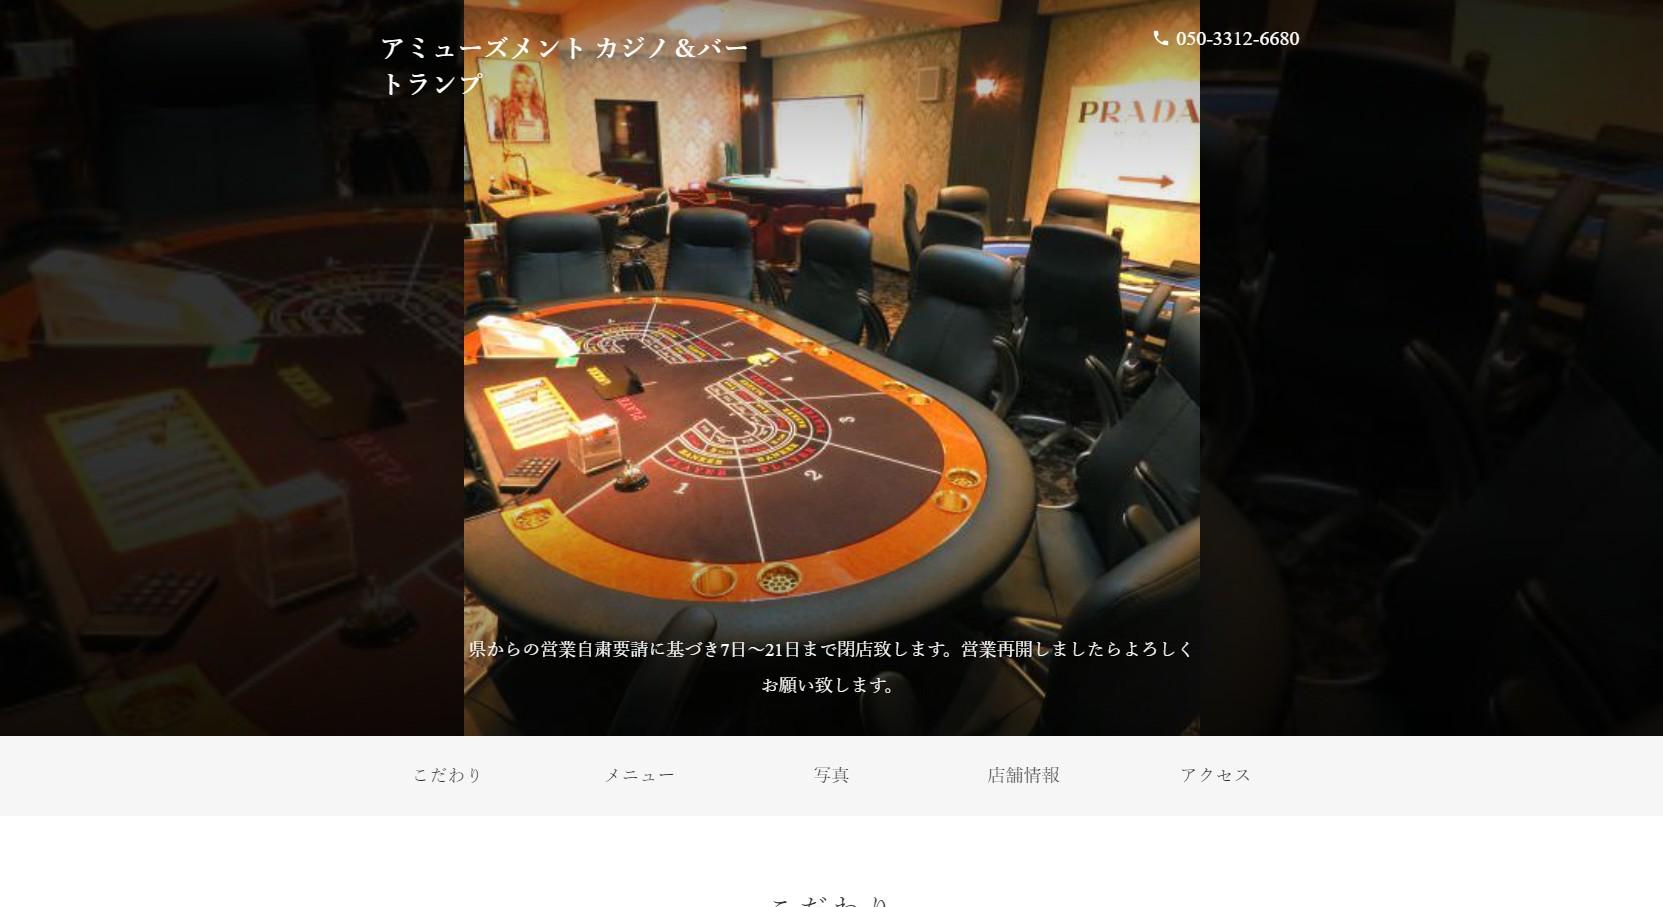 amusement casino & bar TRUMPのウェブサイト画像。